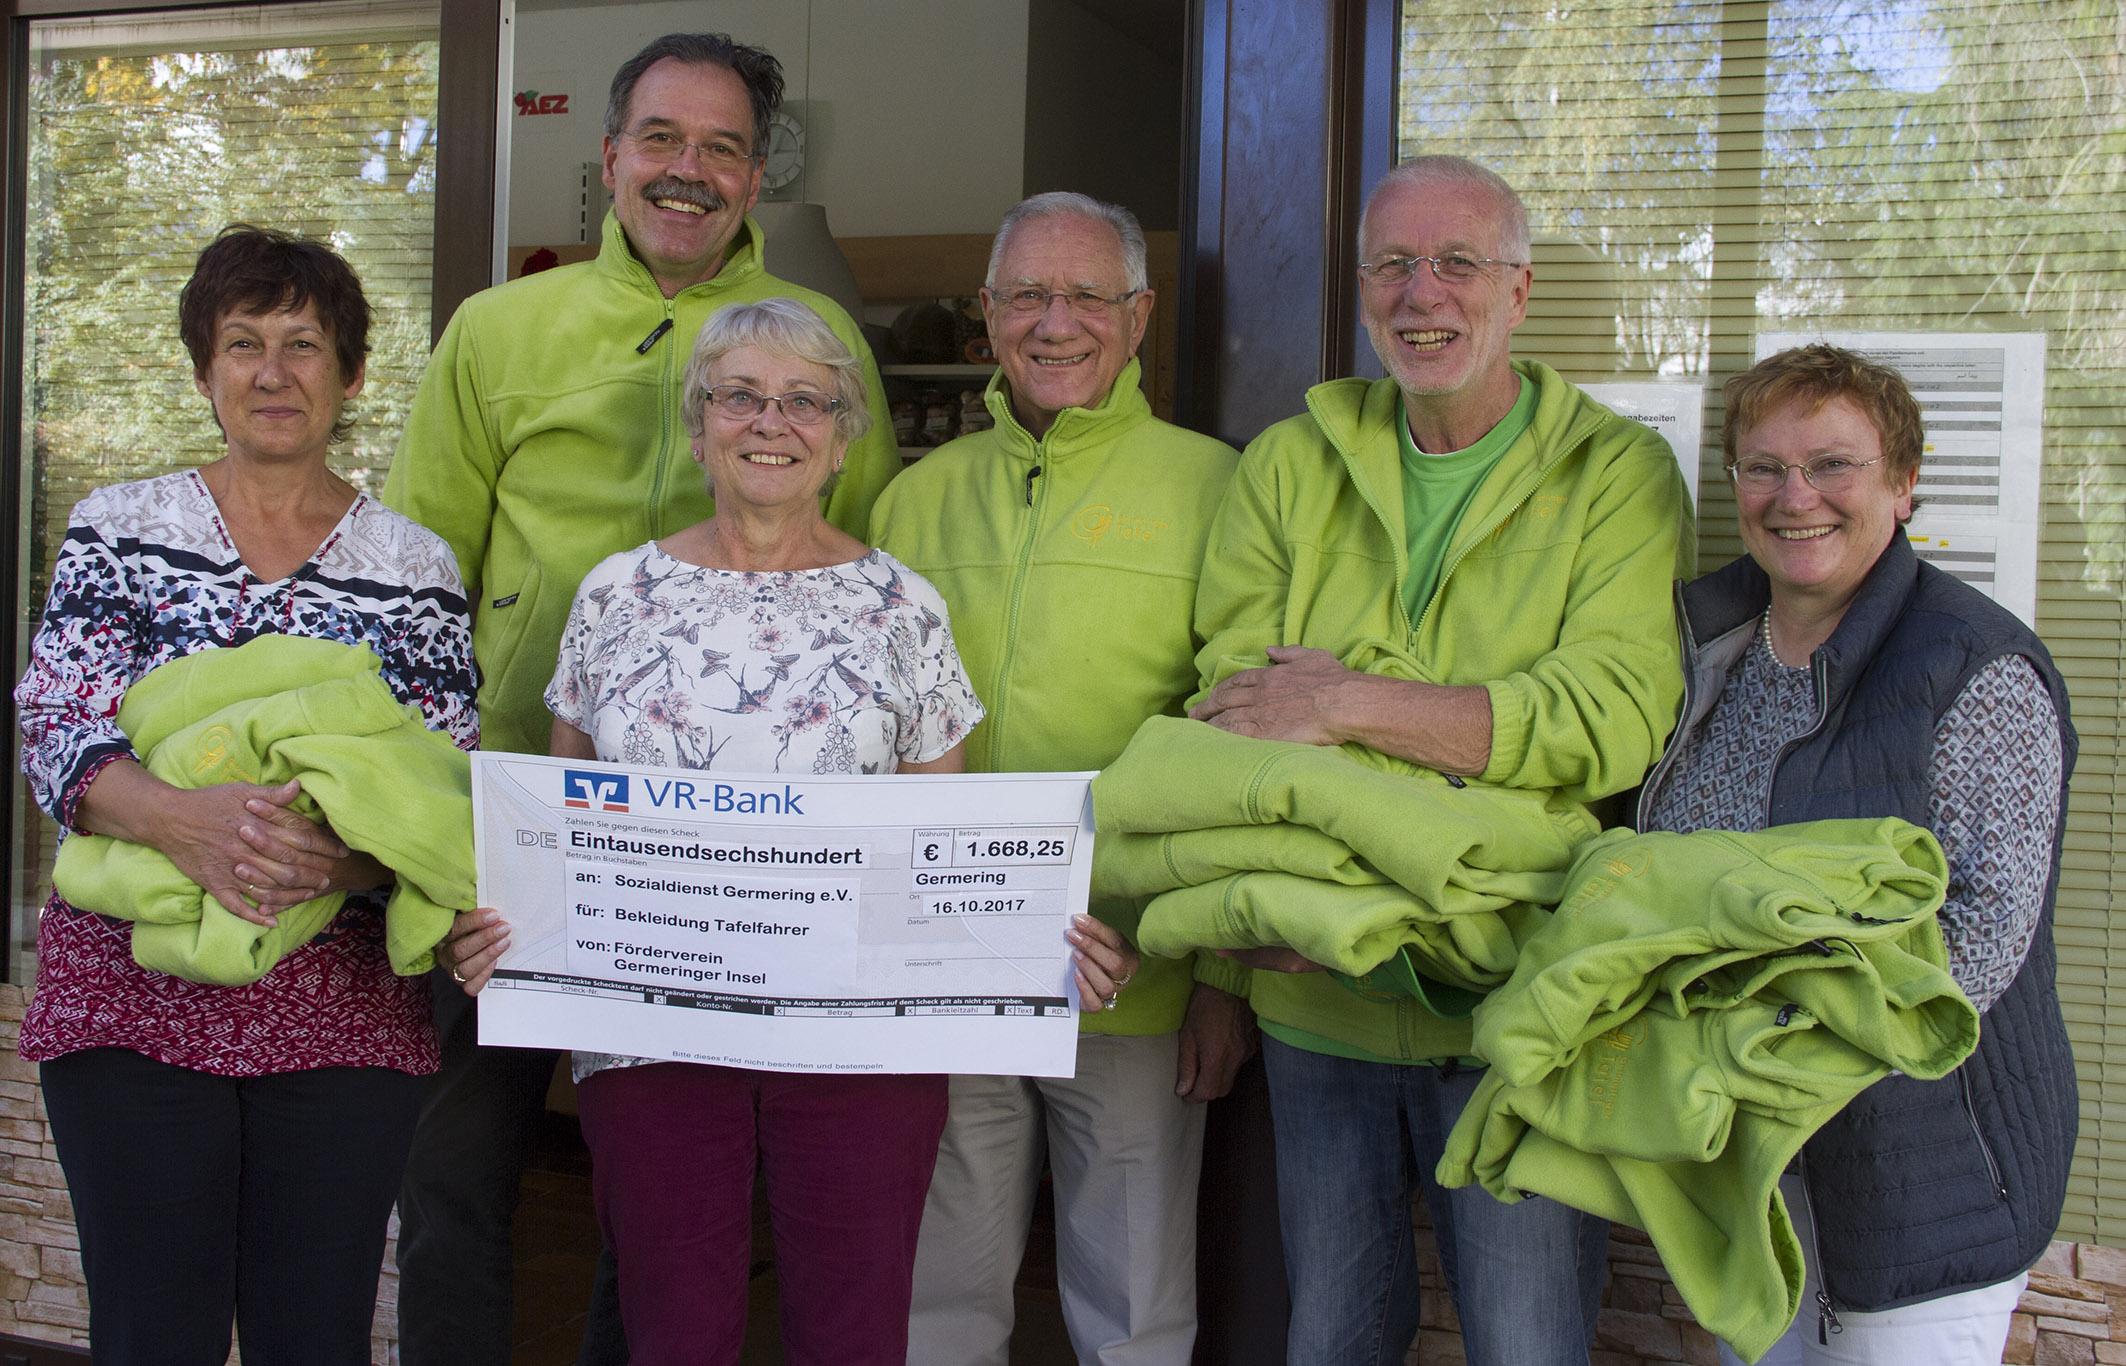 Der Förderverein Germeringer Insel spendet neue Kleidung für die Tafel-Mitarbeiter